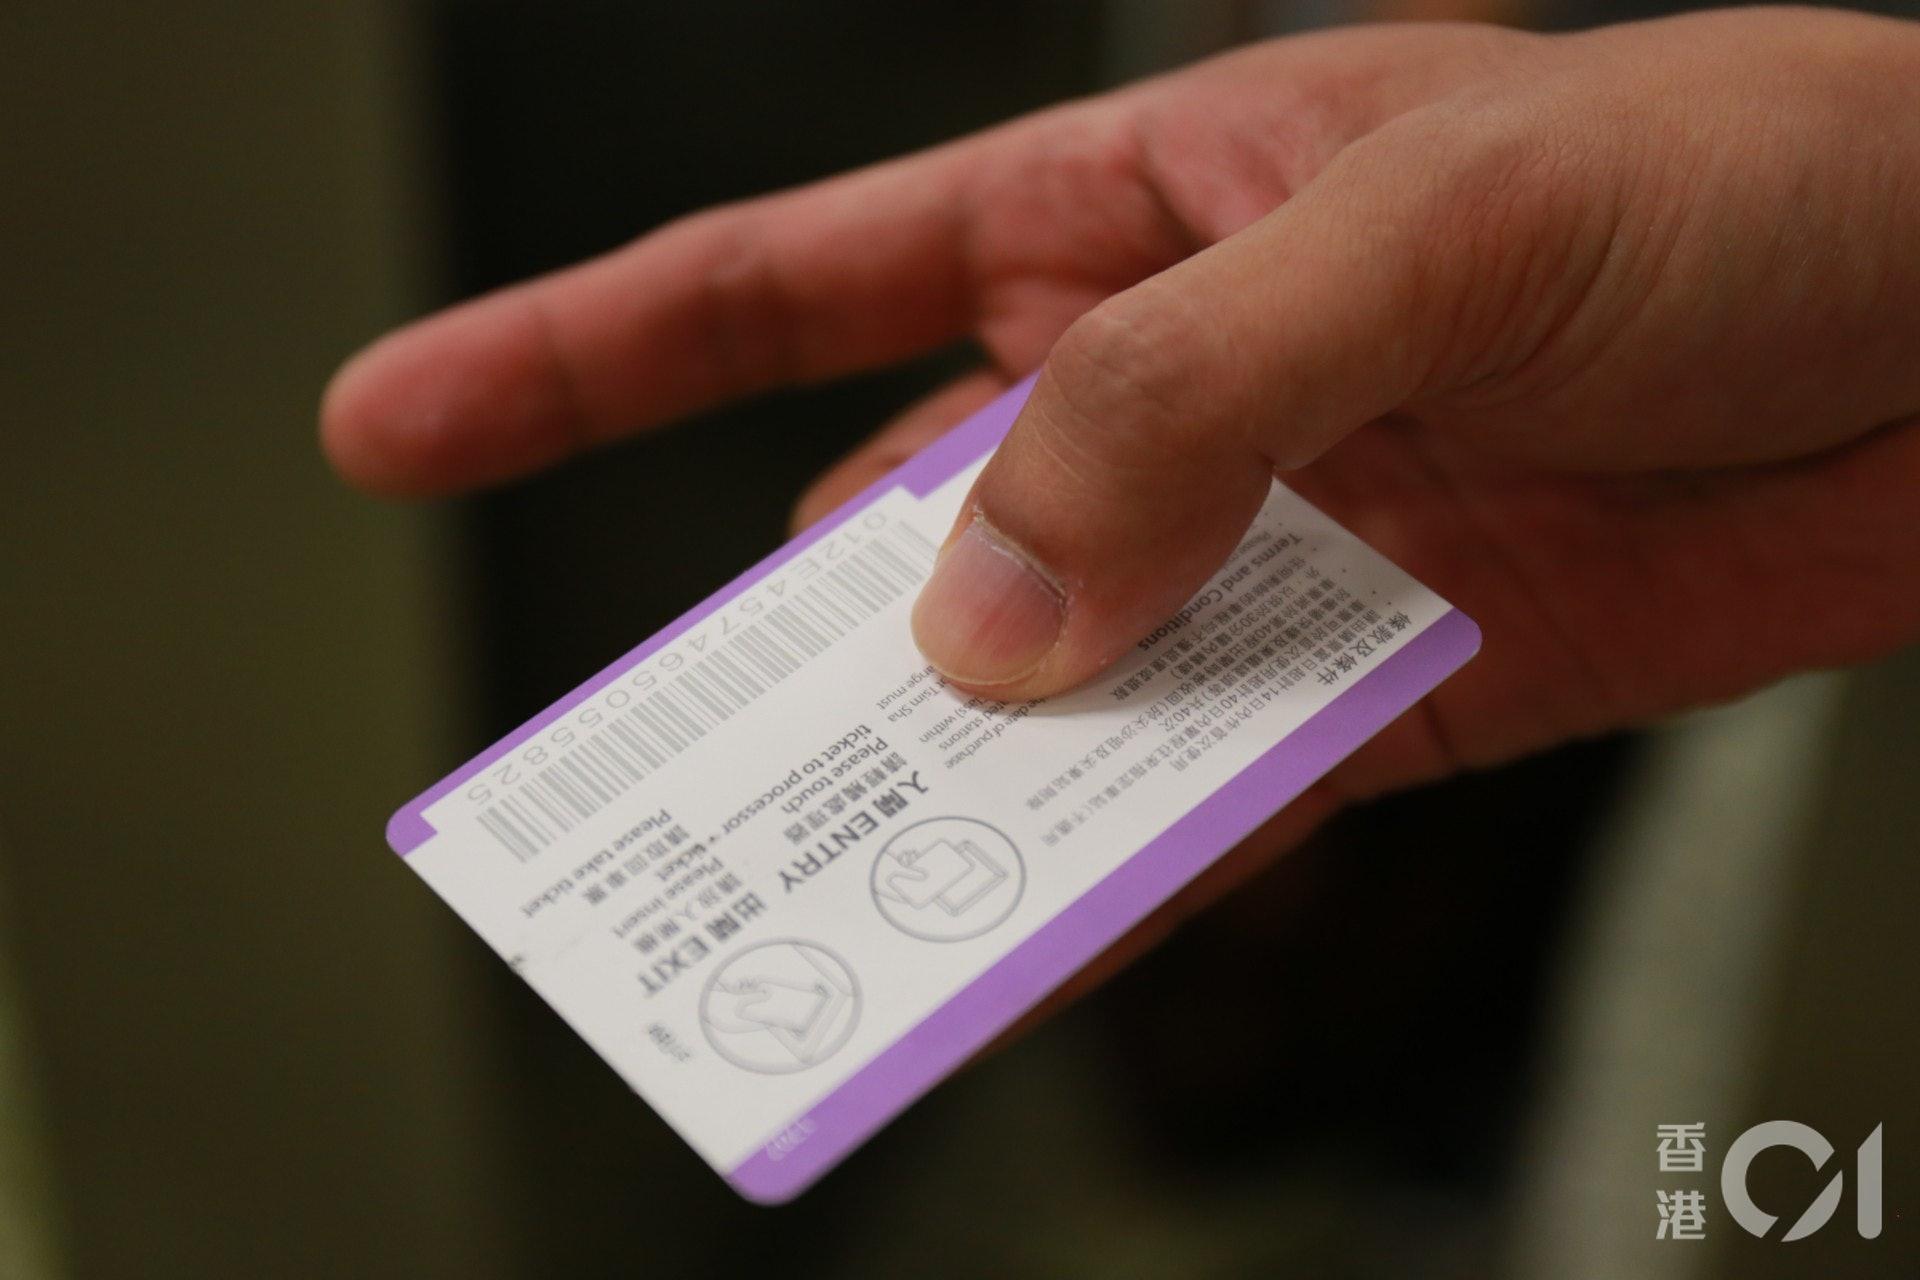 乘客劉先生取出車票時被膠水黏手。(陳諾希攝)